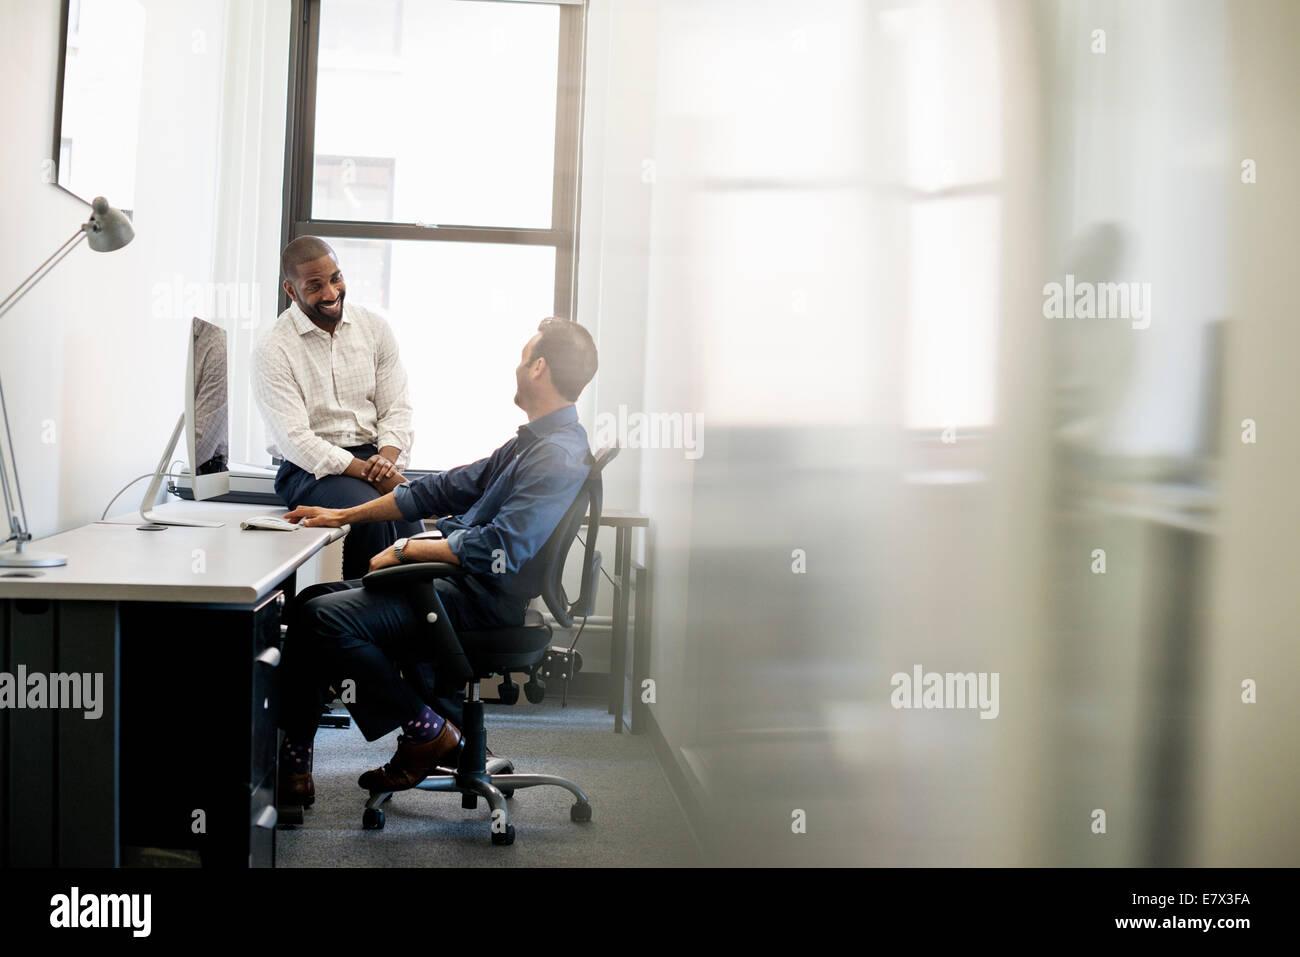 Vida de oficina. Un hombre inclinado hacia atrás en una silla de oficina hablando con un colega sentado en el borde Foto de stock